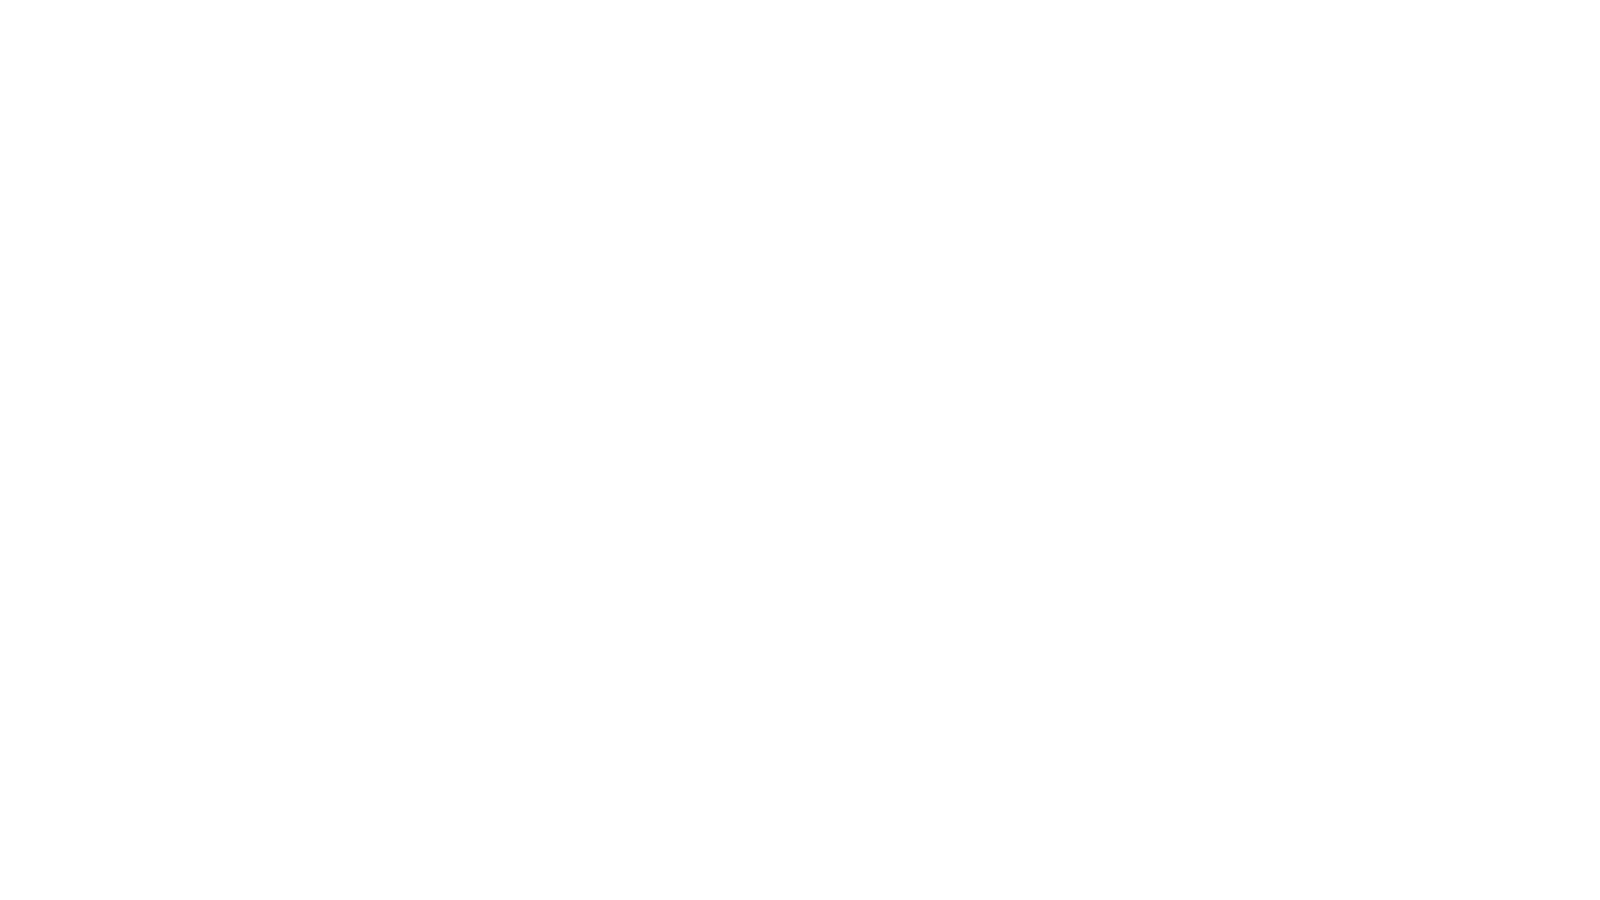 """Culto da Igreja Presbiteriana da Águas, transmitido no dia 13 de Setembro às 19h30min, com a ministração do pastor Jackson Willian, baseada no evangelho segundo Lucas 18.35-43. Tema: Gritar, crer e se posicionar   Cultos todos os domingos às 10h e 19h30min.   Facebook: https://www.facebook.com/igrejadasaguas Instagram: https://www.instagram.com/igrejapresbiterianadasaguas/  Endereço: Centro Empresarial Parque das Águas - Estr. dos Menezes, 850 - Colubandê, São Gonçalo - RJ, 24451-230  Telefone: (21) 98919-2562  http://www.igrejadasaguas.org.br/  Trilha sonora:  """" Música: « summer »  de  Bensound.com """" """" Música: « acoustic breeze »  de  Bensound.com """" """" Música: « jazz frenchy »  de  Bensound.com """""""